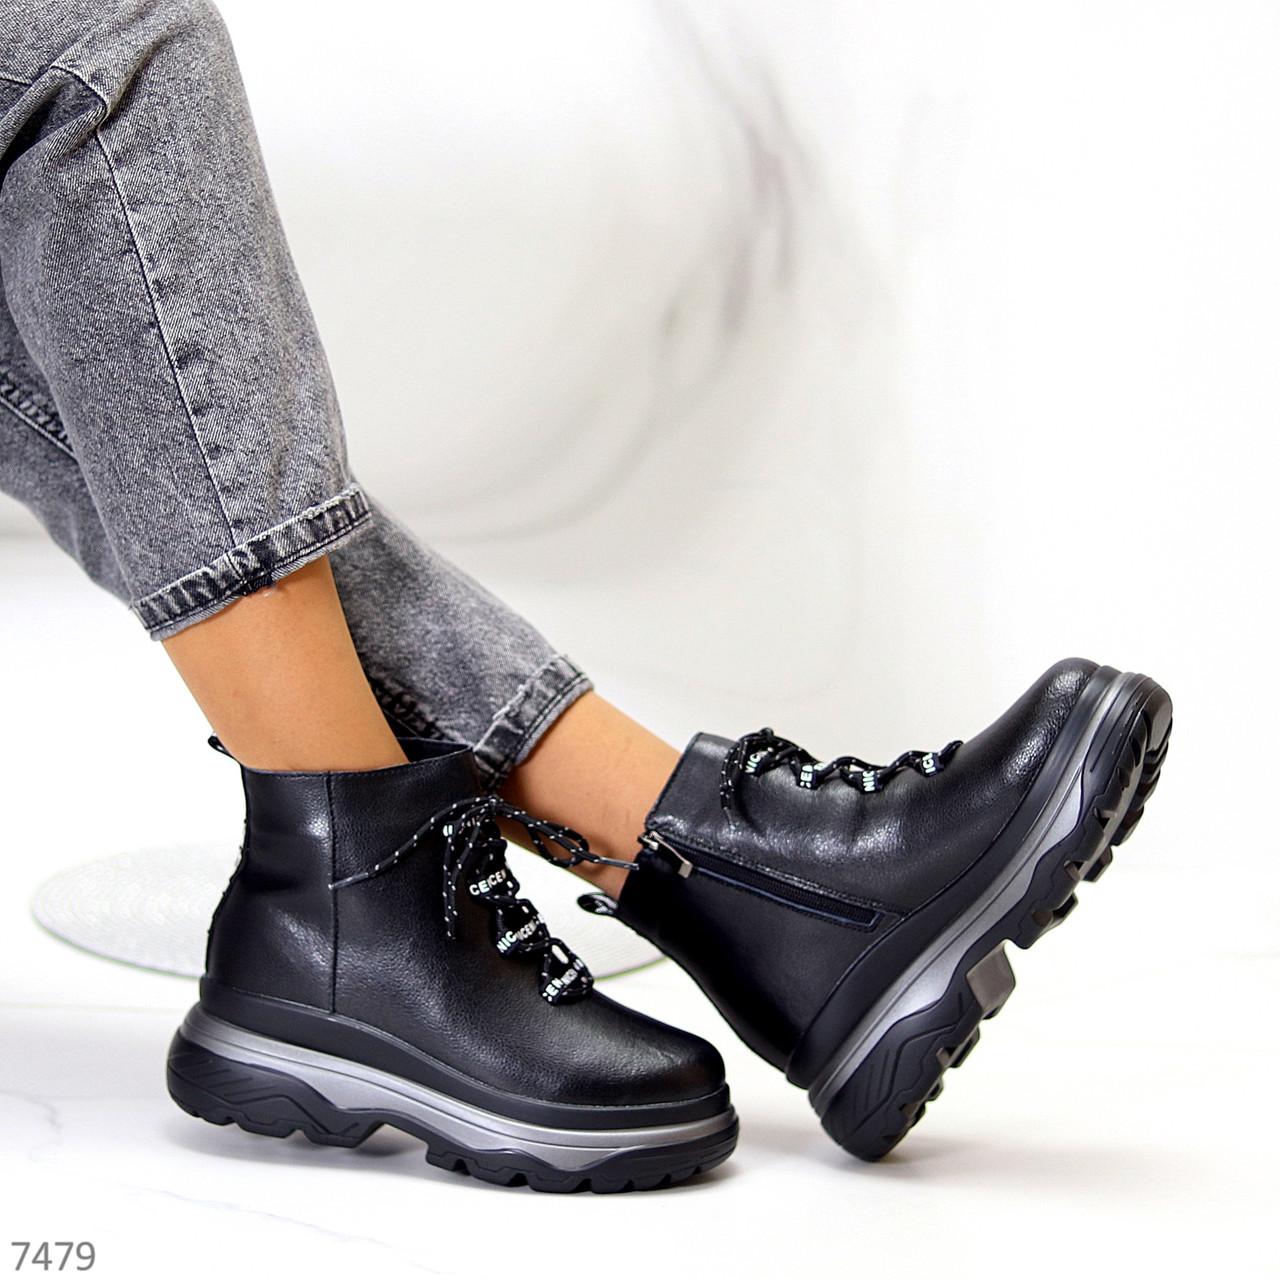 Натуральна шкіра трендові чорні шкіряні жіночі зимові черевики на платформі